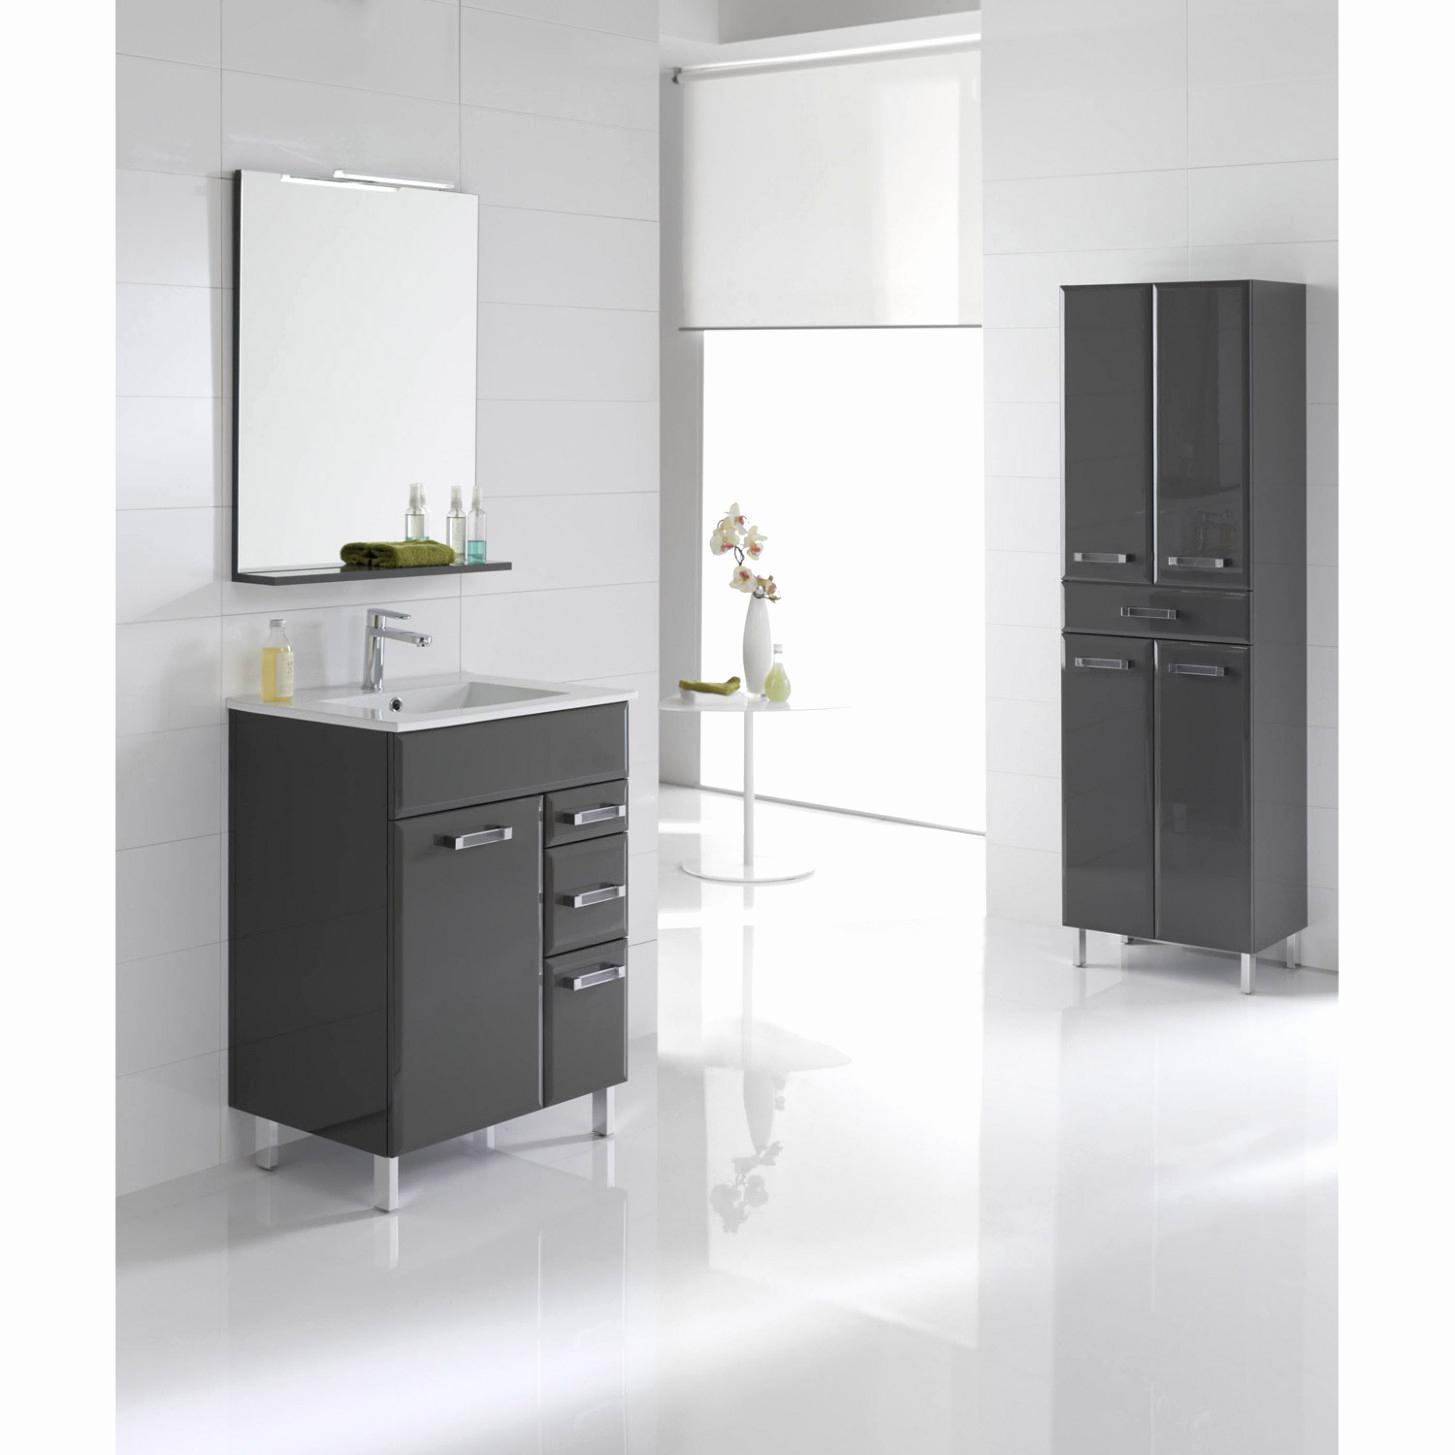 Armoire De toilette Miroir Castorama Nouveau Galerie 30 Inspirant De Meuble Salle De Bain Faible Profondeur